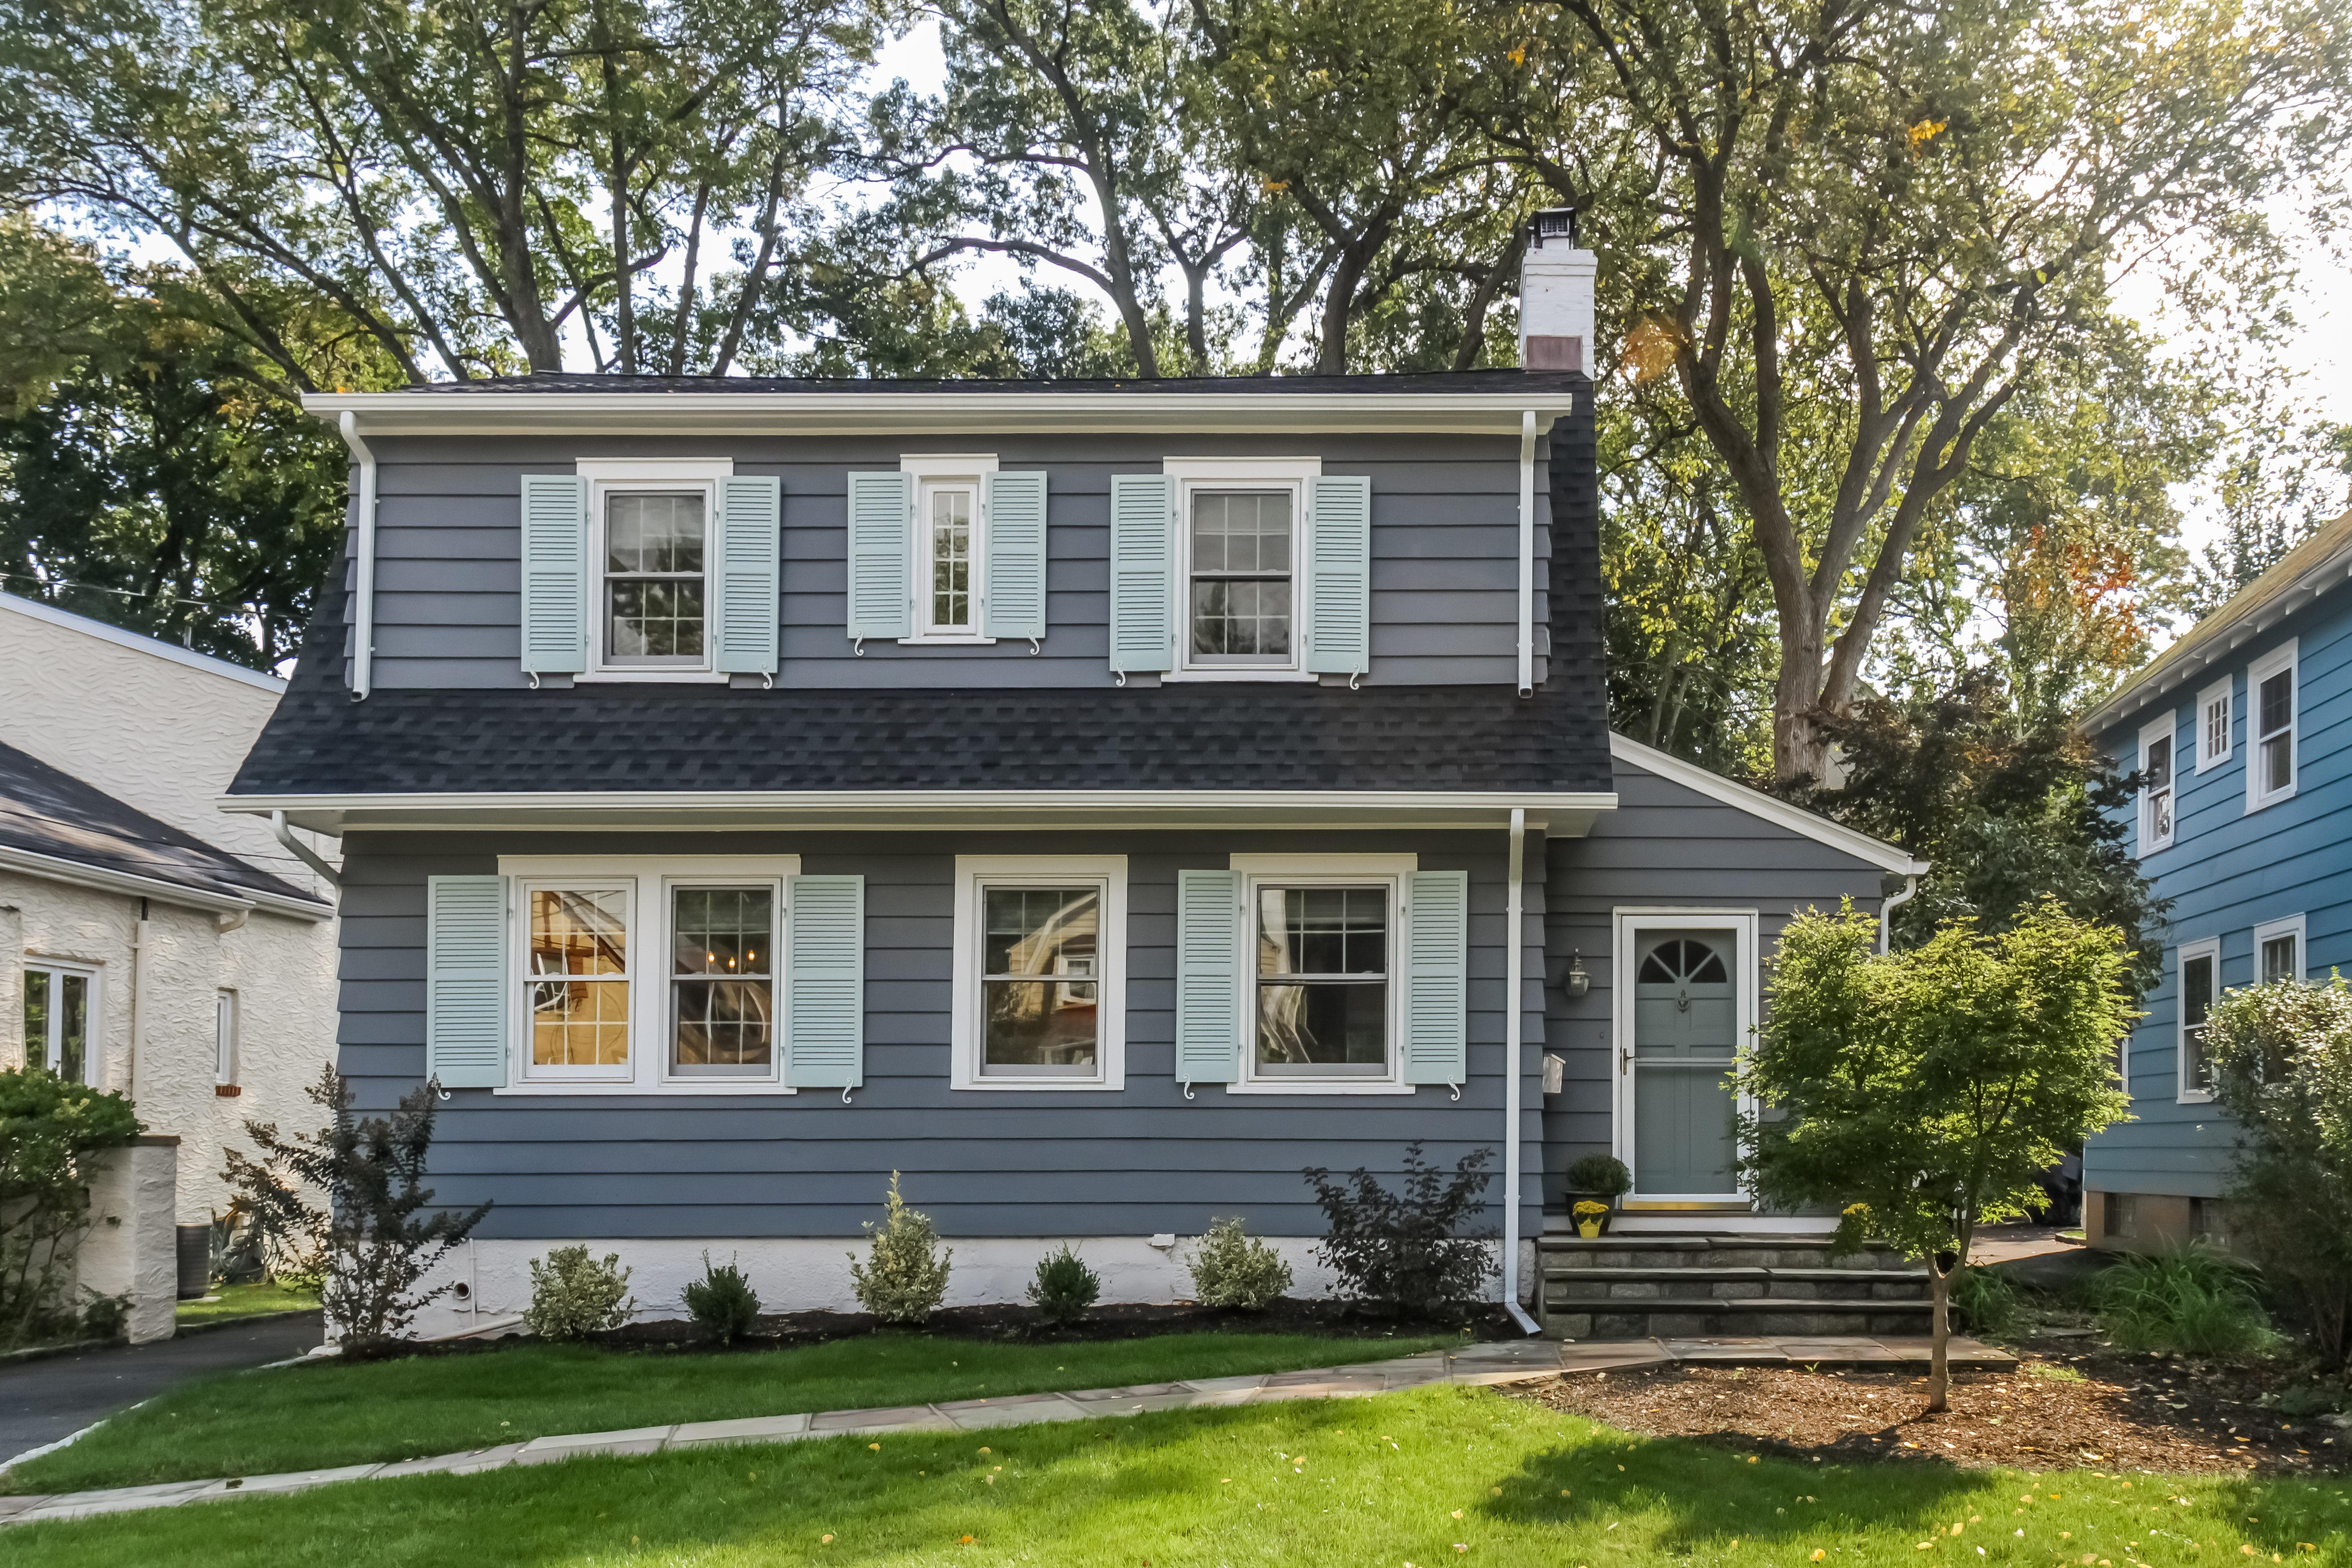 一戸建て のために 売買 アット Classic Dutch Colonial 80 West Garden Road Larchmont, ニューヨーク, 10538 アメリカ合衆国